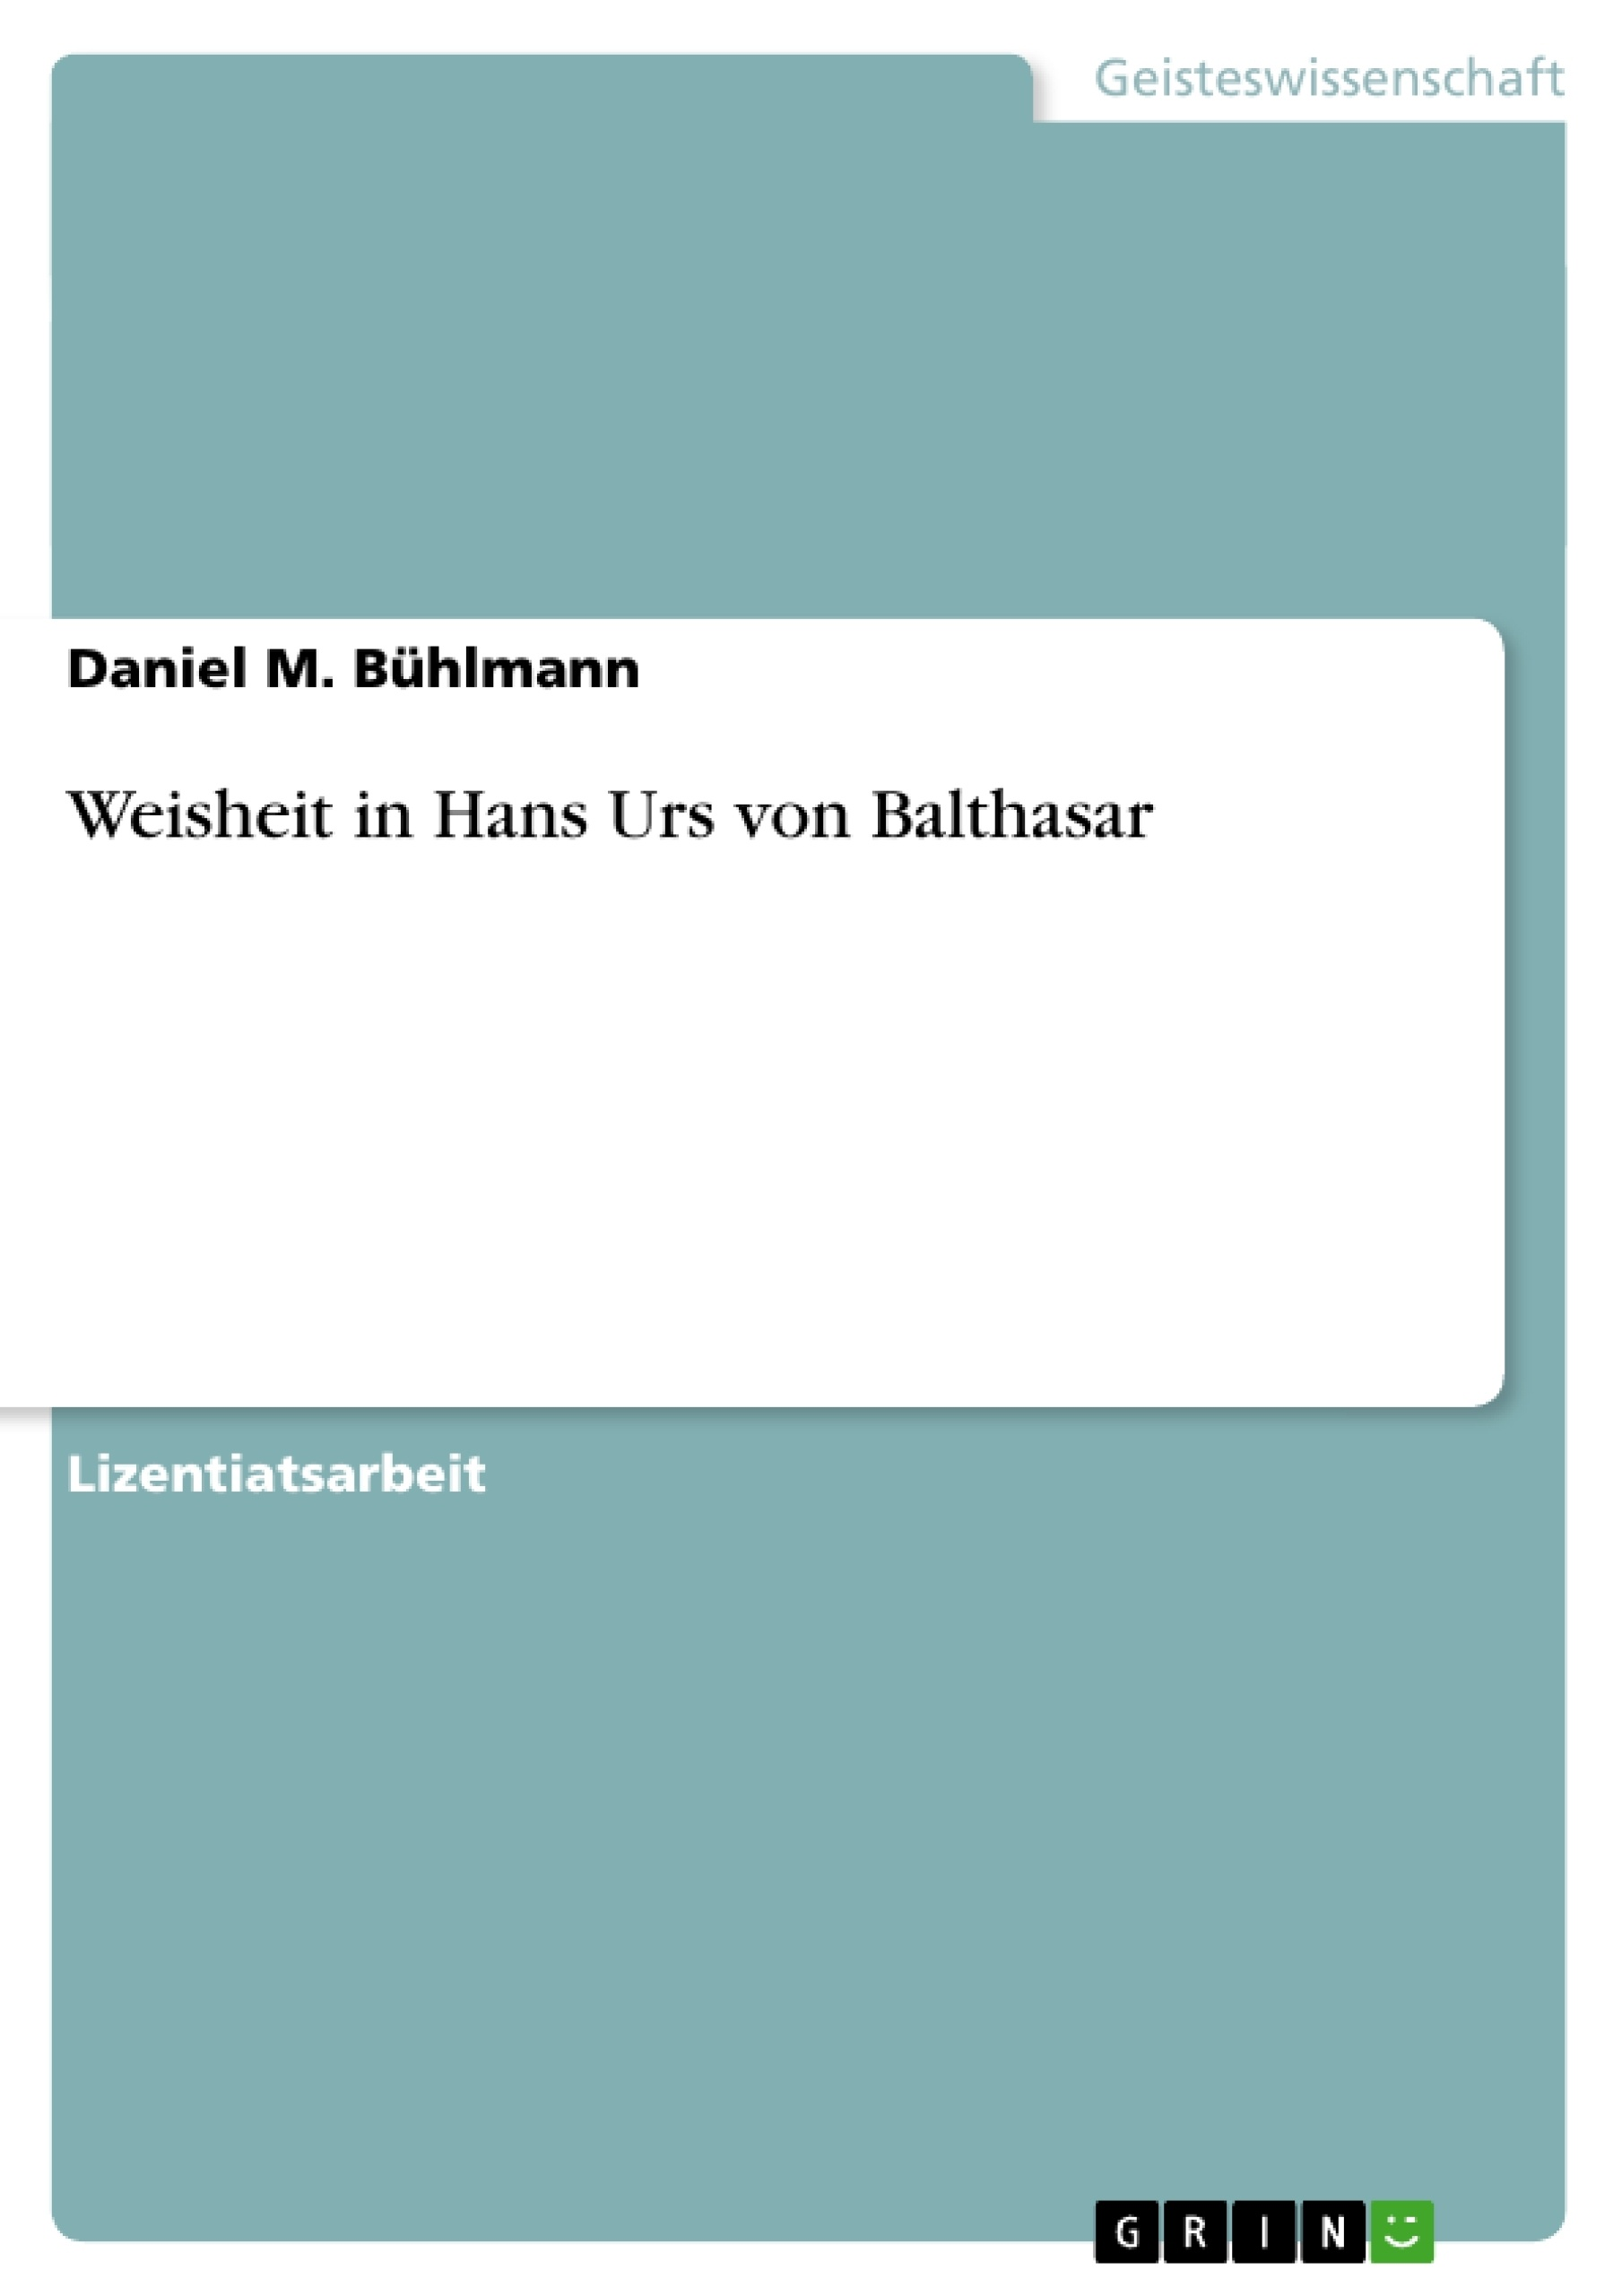 Titel: Weisheit in Hans Urs von Balthasar